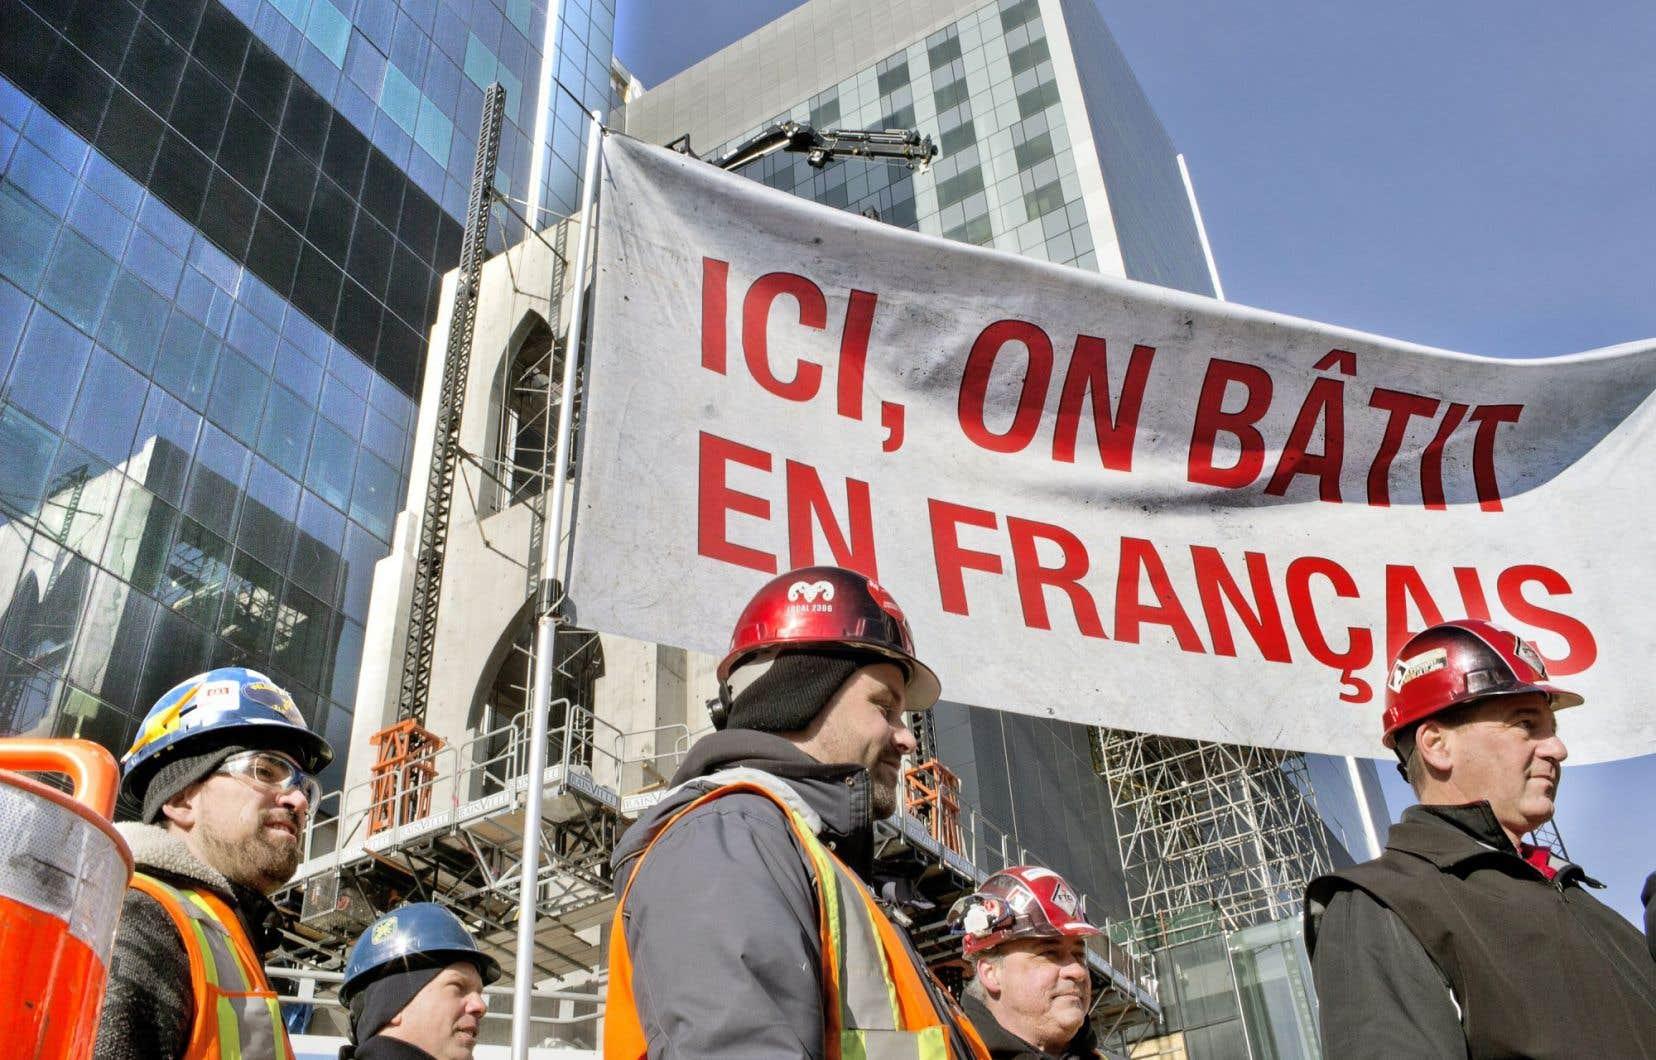 Au Québec, la main-d'œuvre qui travaille généralement en français dans les entreprises s'élevait à 70,8% en 1989 pour tomber à 59,7% en 2010.